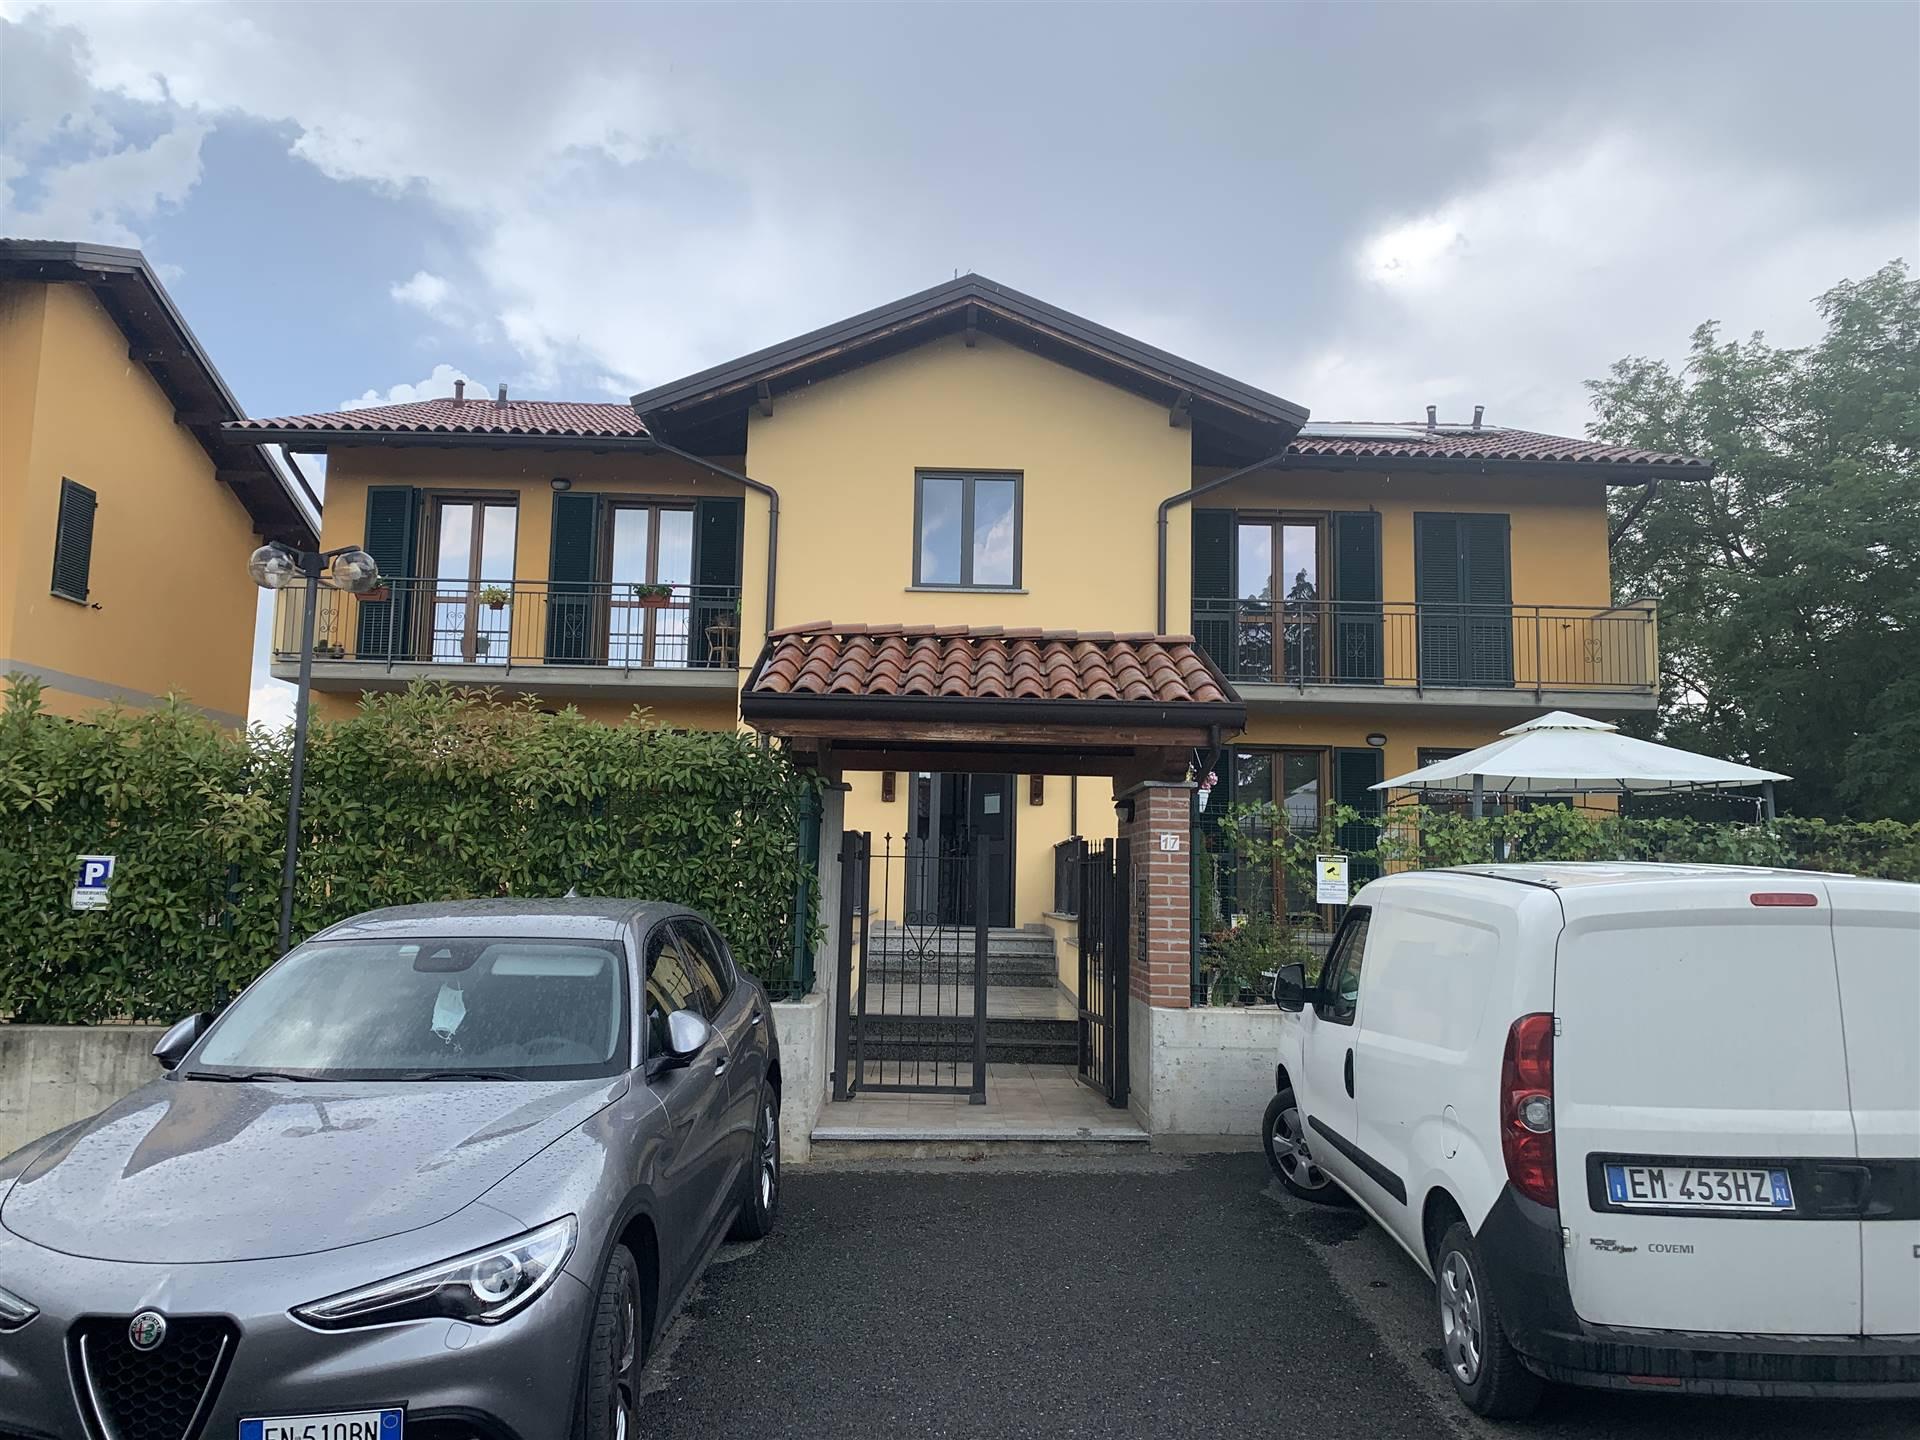 Appartamento in vendita a Pozzolo Formigaro, 5 locali, prezzo € 149.000 | CambioCasa.it